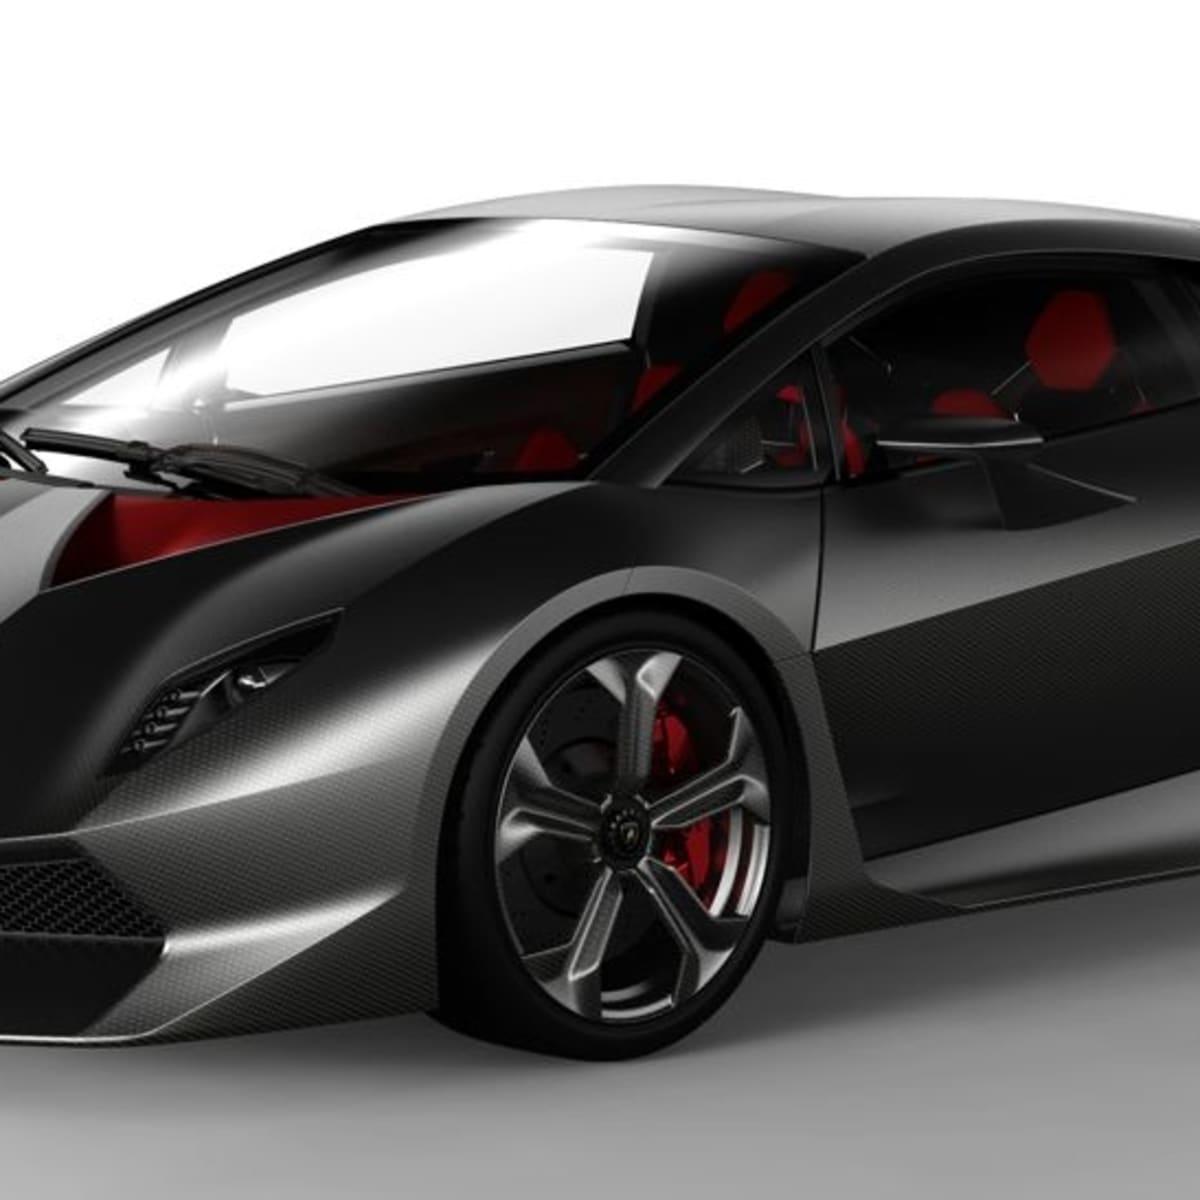 Lamborghini Sesto Elemento Caradvice